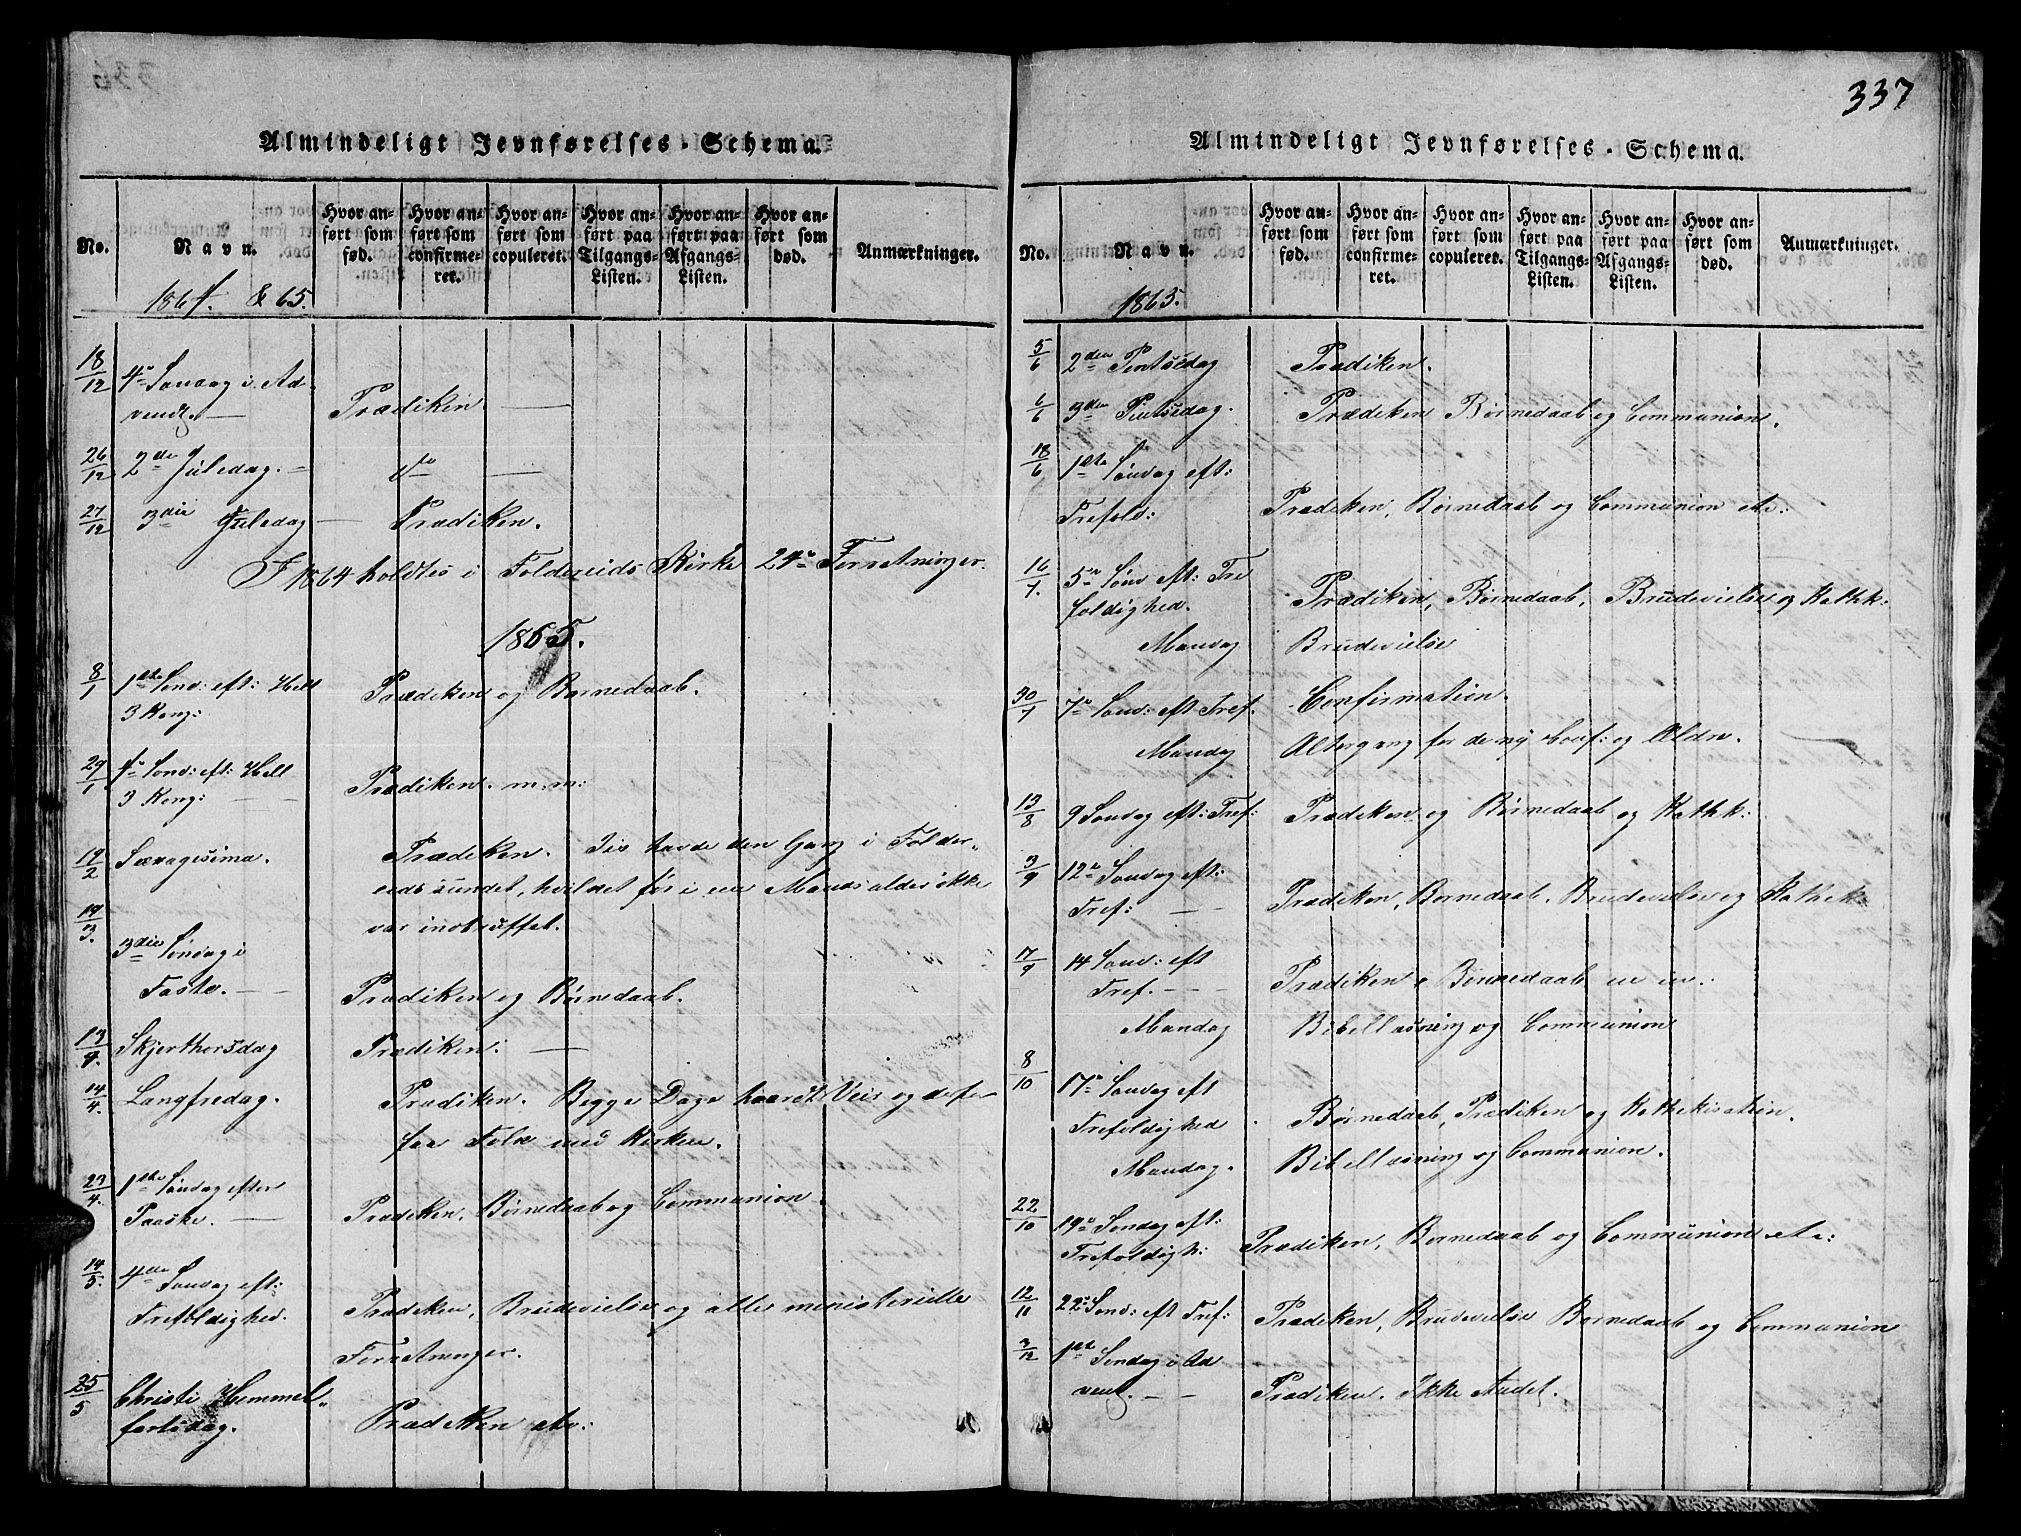 SAT, Ministerialprotokoller, klokkerbøker og fødselsregistre - Nord-Trøndelag, 780/L0648: Klokkerbok nr. 780C01 /1, 1815-1870, s. 337